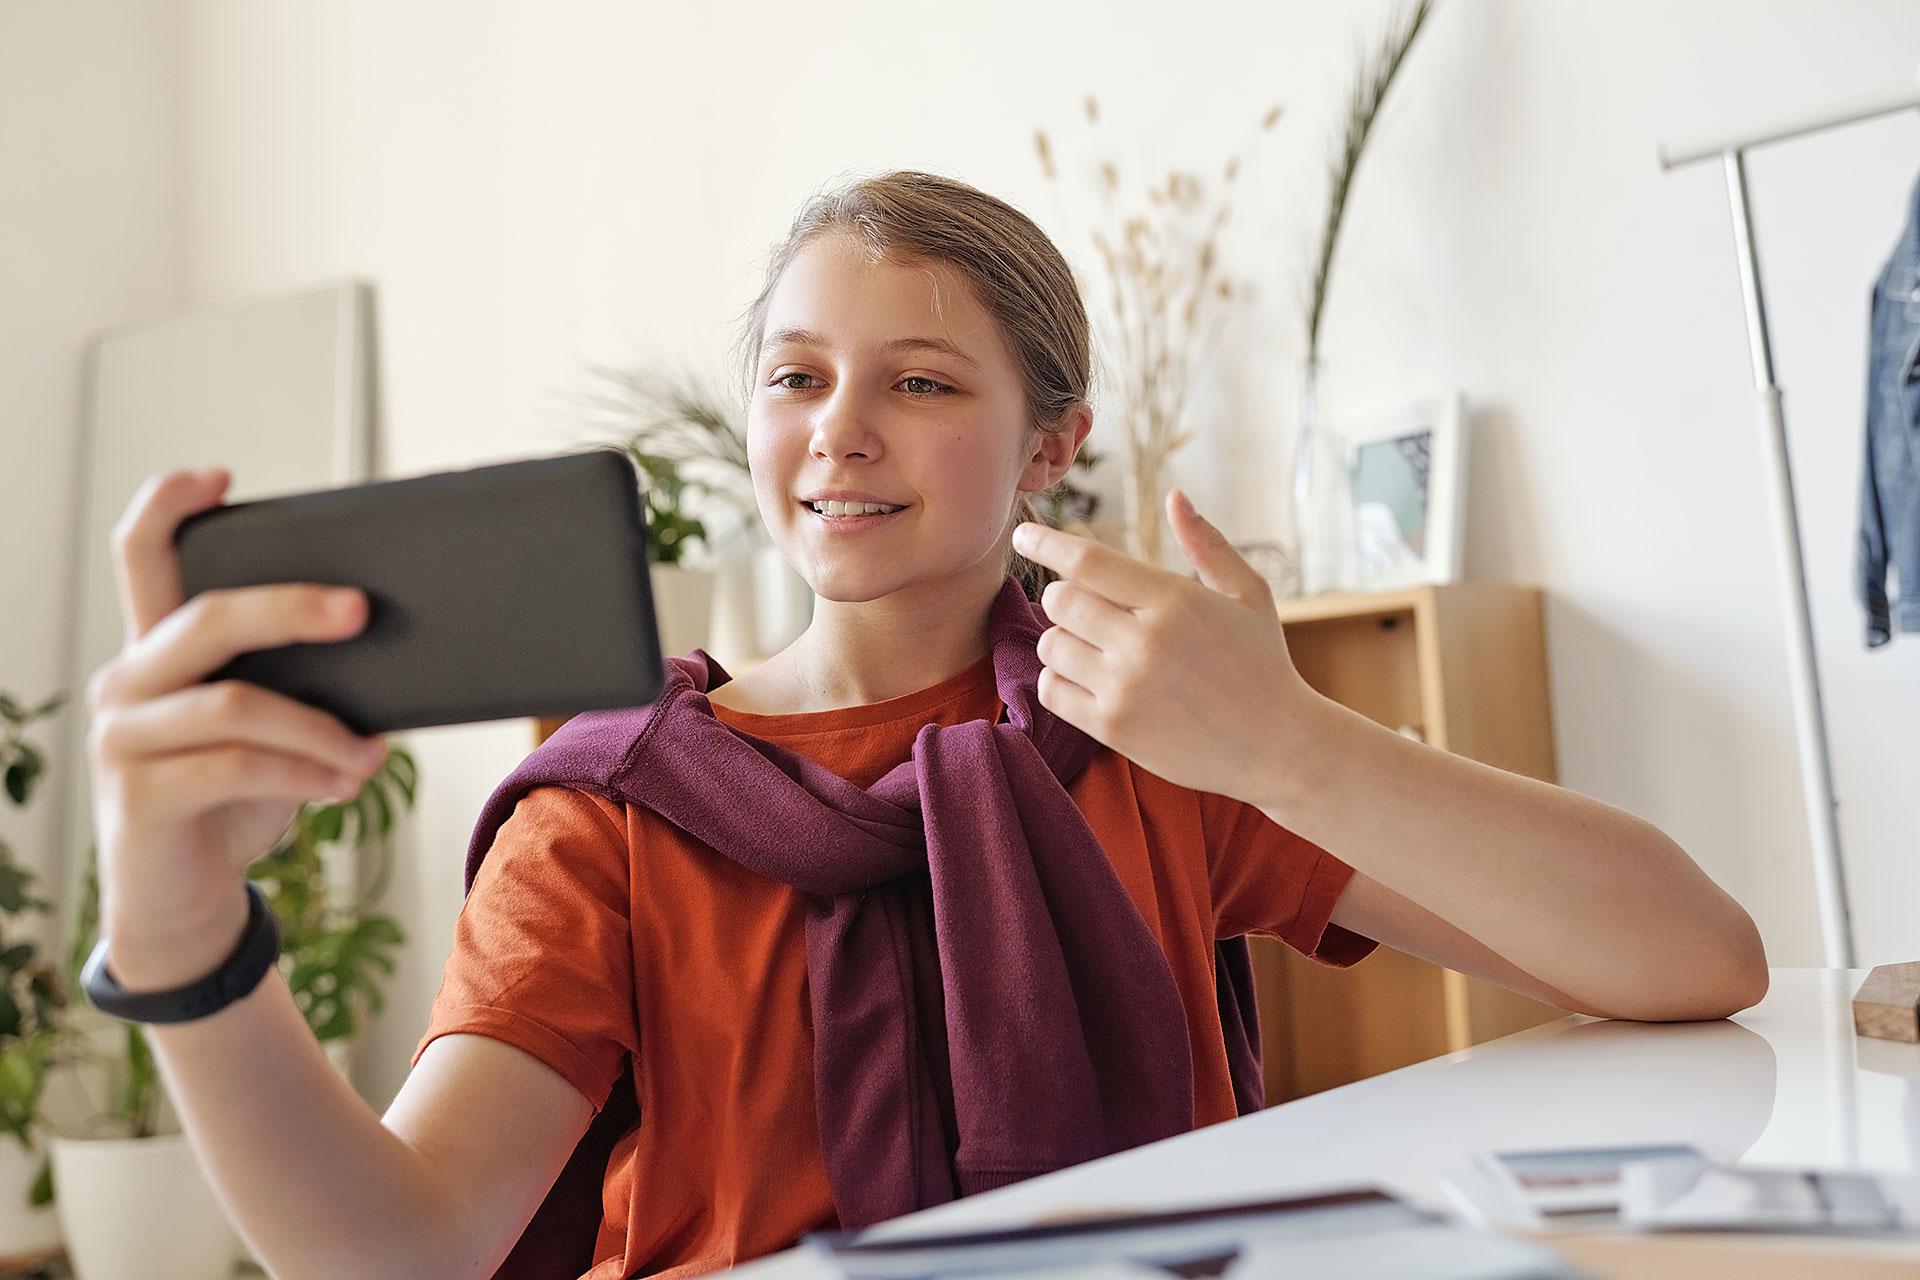 Schülerin chatet mit dem Smartphone